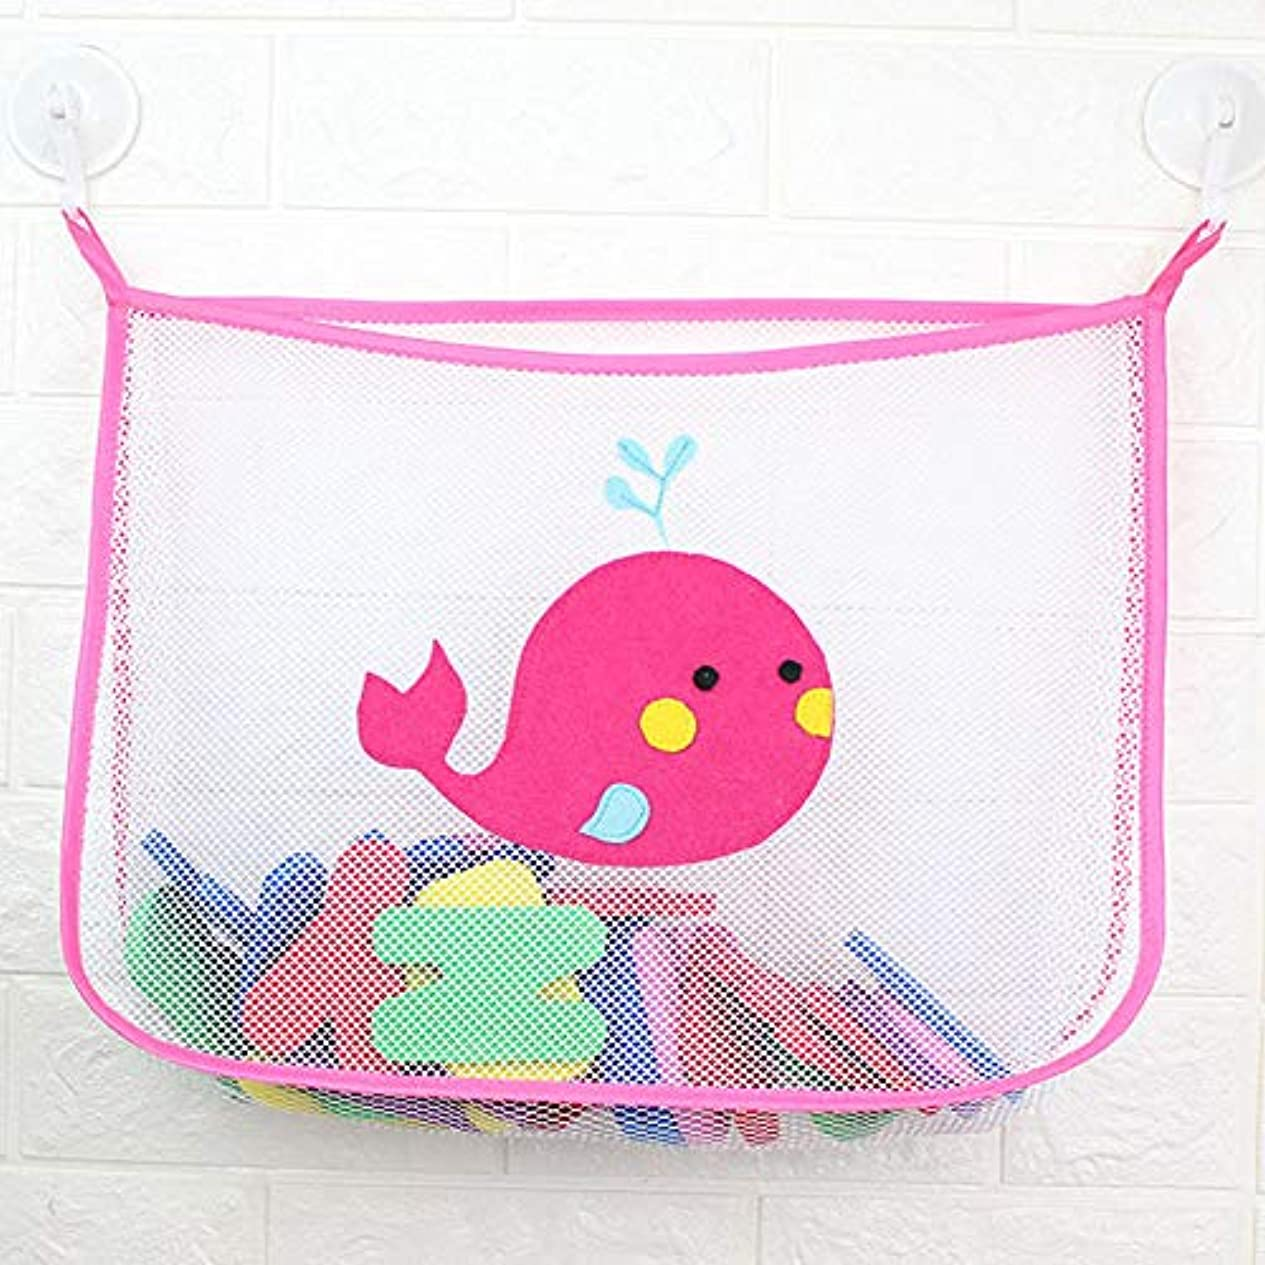 変形チャーム引退したベビーシャワー風呂のおもちゃ小さなアヒル小さなカエルの赤ちゃん子供のおもちゃ収納メッシュで強い吸盤玩具バッグネット浴室オーガナイザー (ピンク)